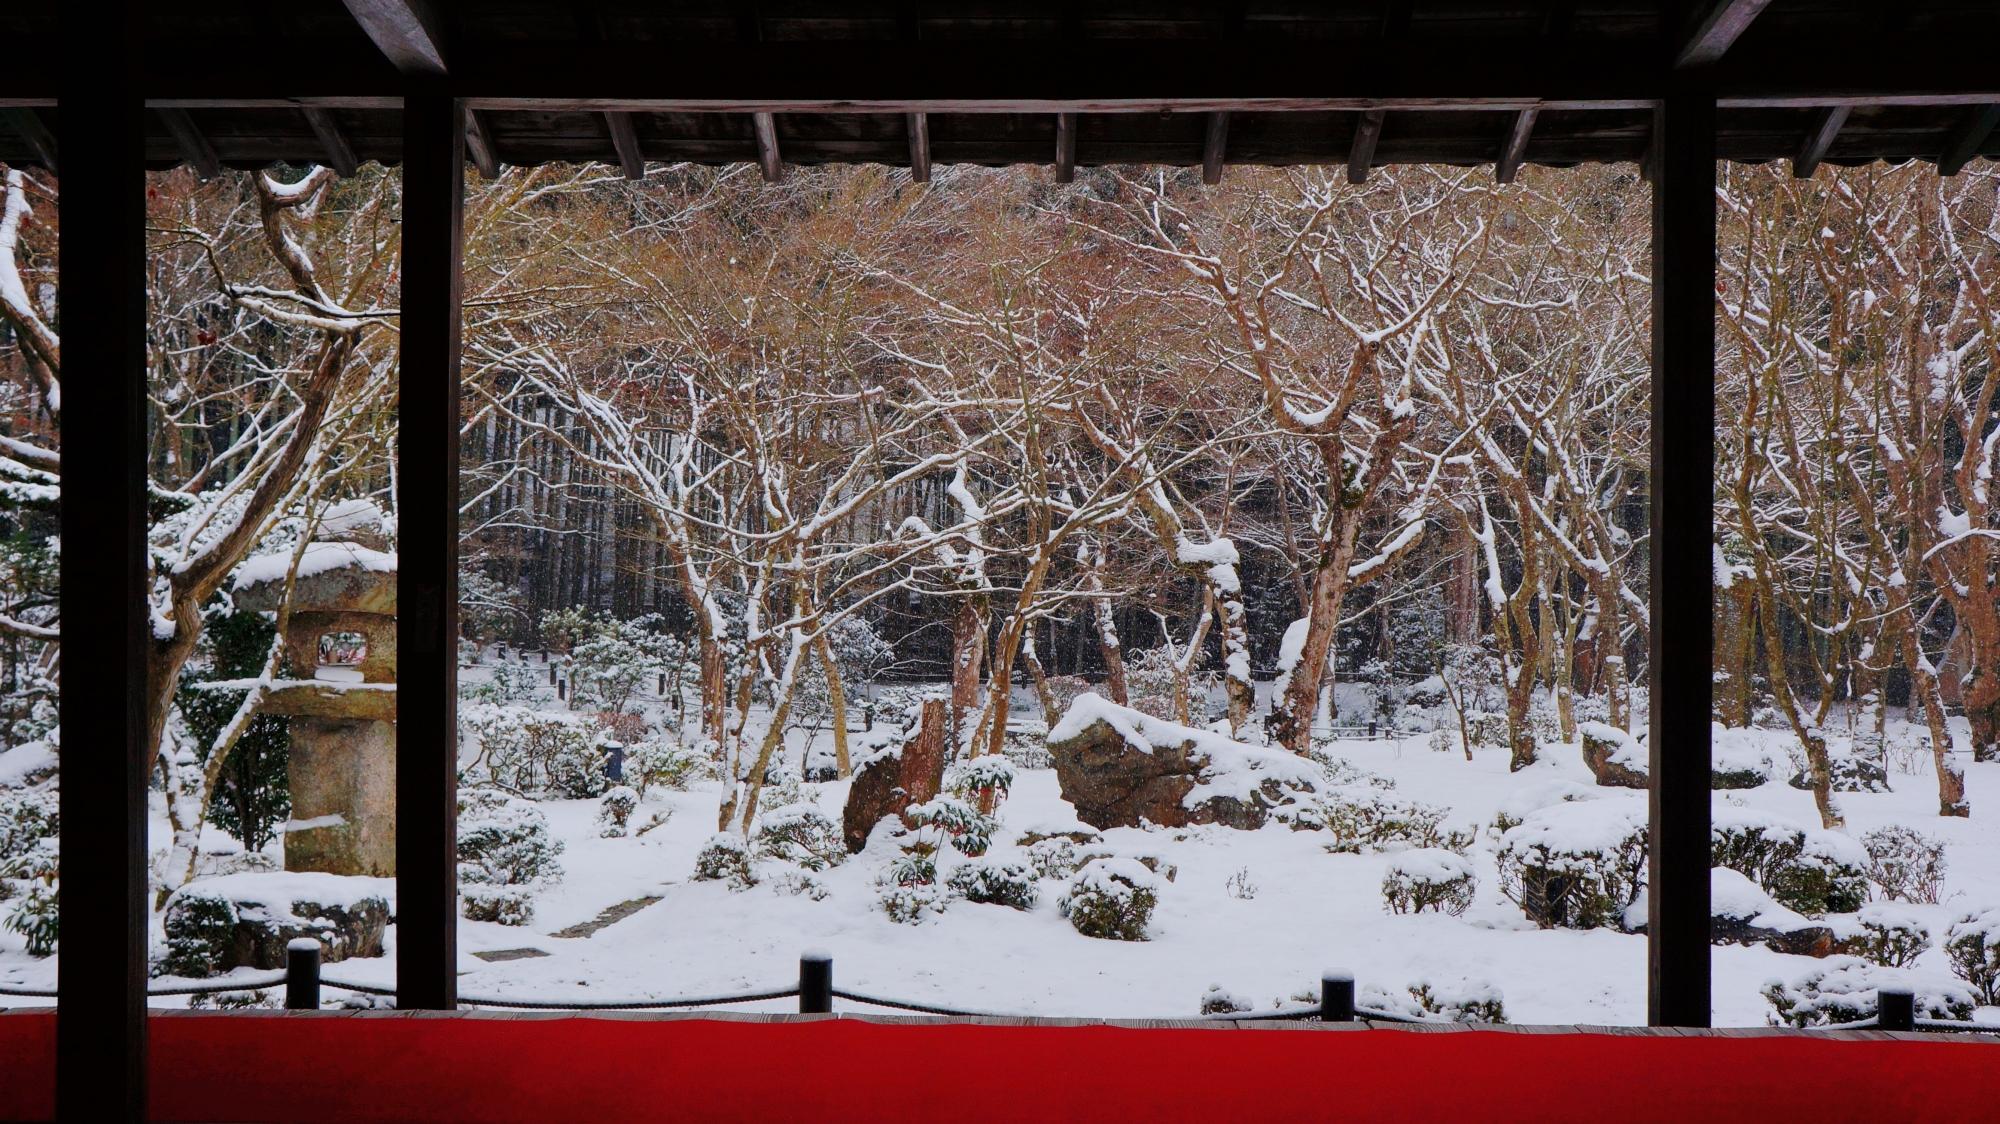 赤い絨毯が演出する雪の十牛之庭